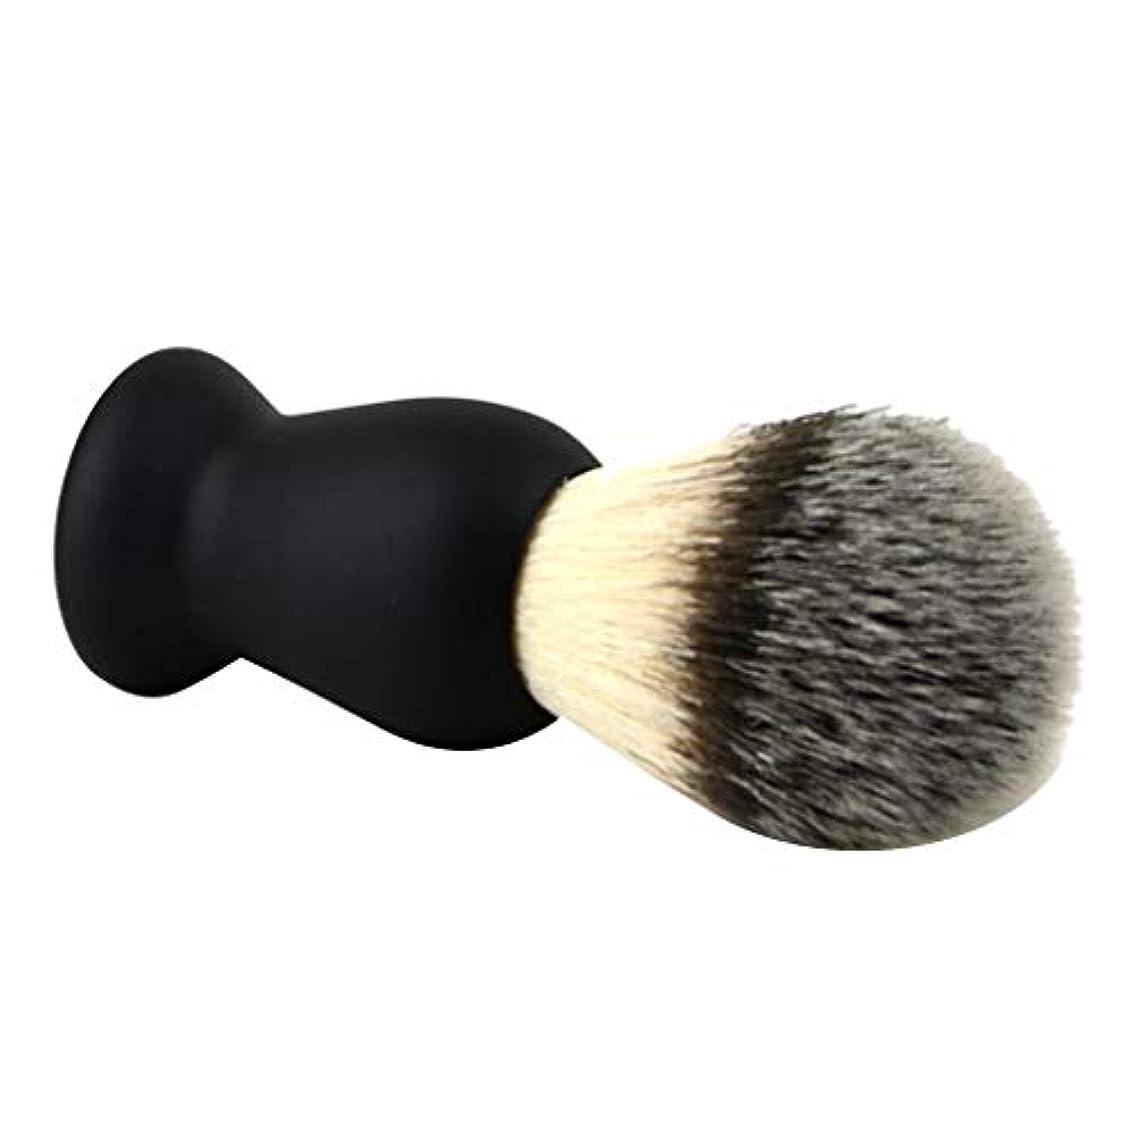 失望させるおもしろい菊chiwanji シェービングブラシ メンズ ひげブラシ 剃毛ブラシ ABSハンドル+ナイロン 泡立て 散髪整理